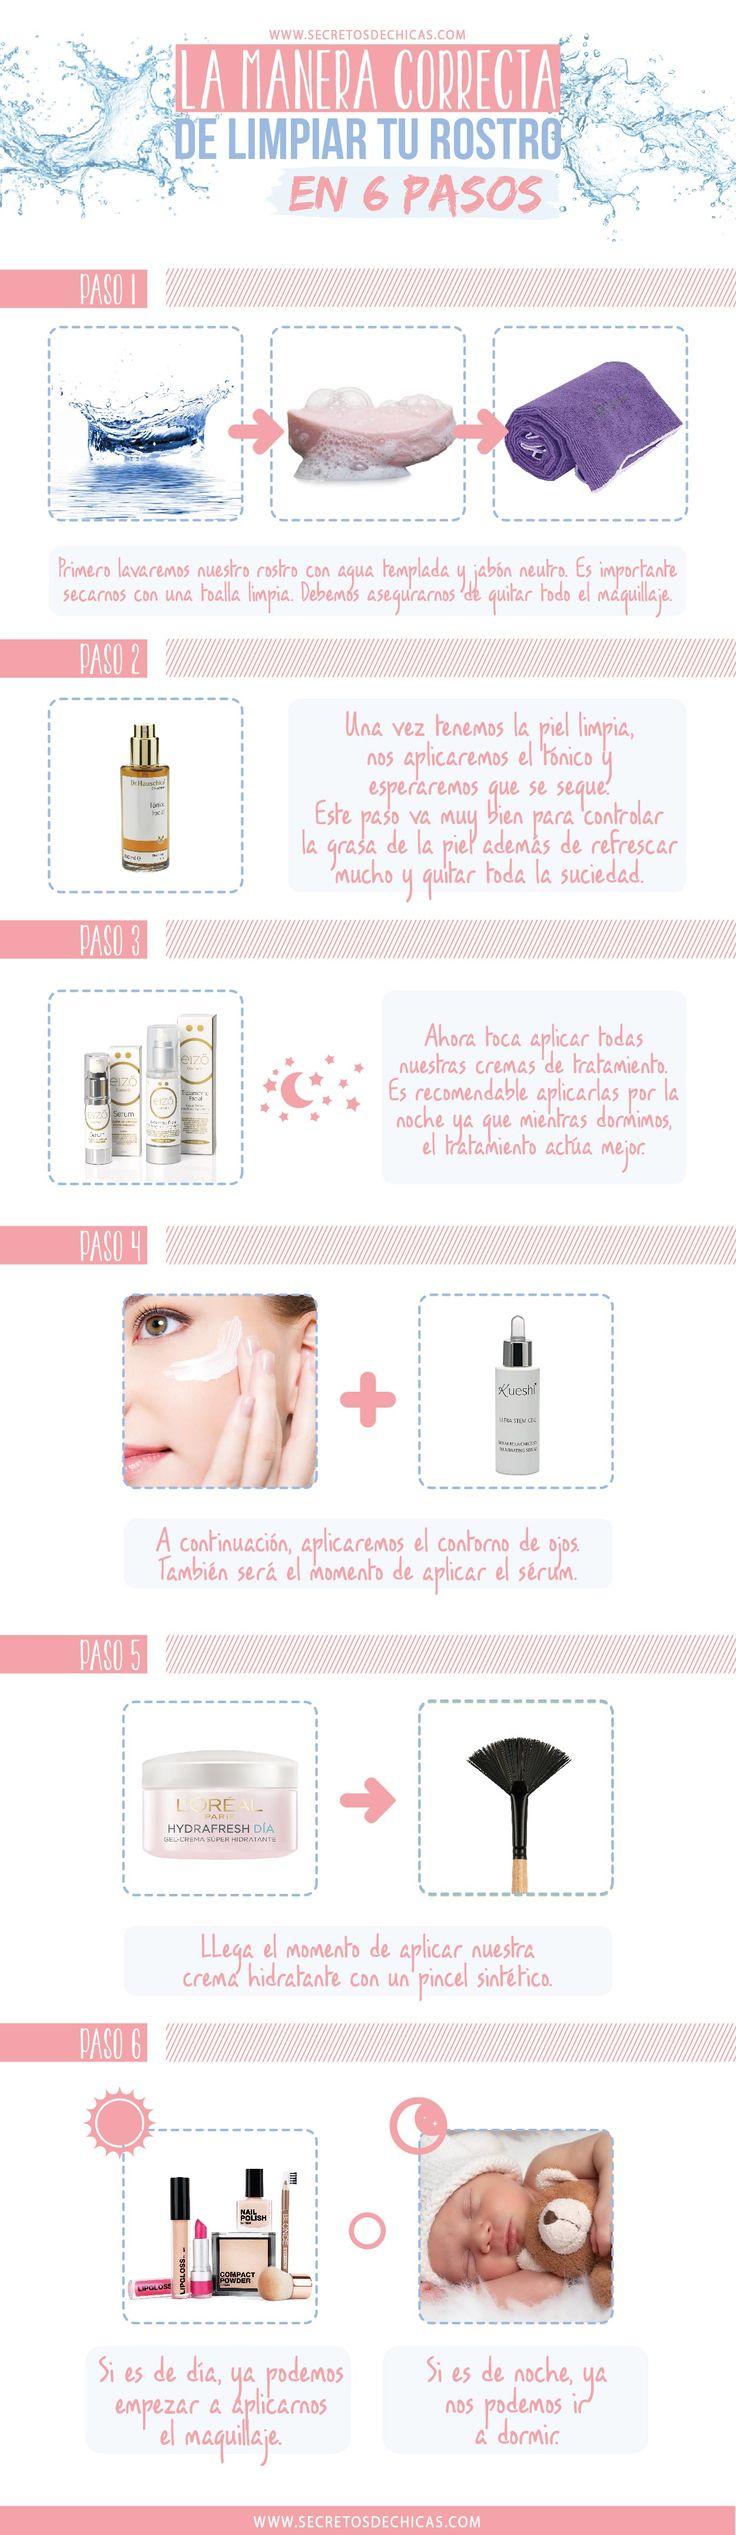 La manera correcta de limpiar tu rostro en 6 pasos